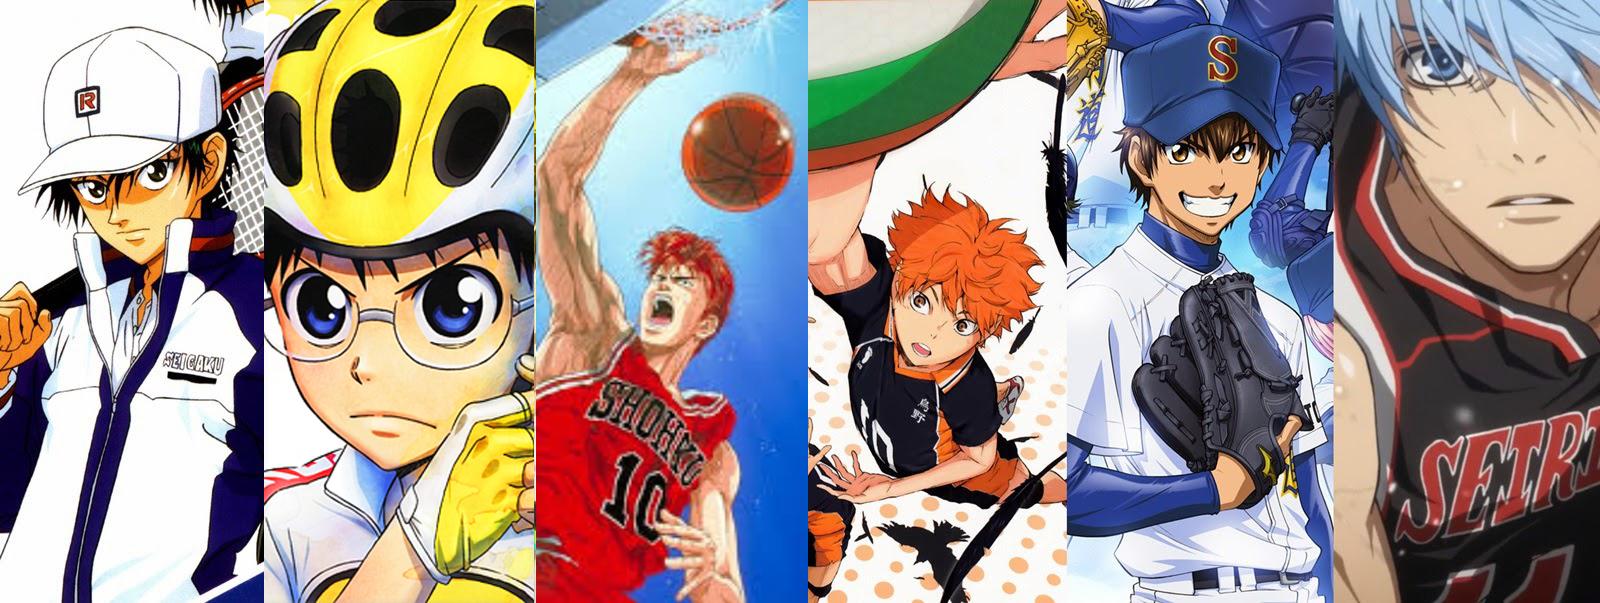 Anime Memiliki Banyak Genre Umumnya Dengan Action Menempati Daftar Nama Legend Penonton Mencangkup Di Seluruh